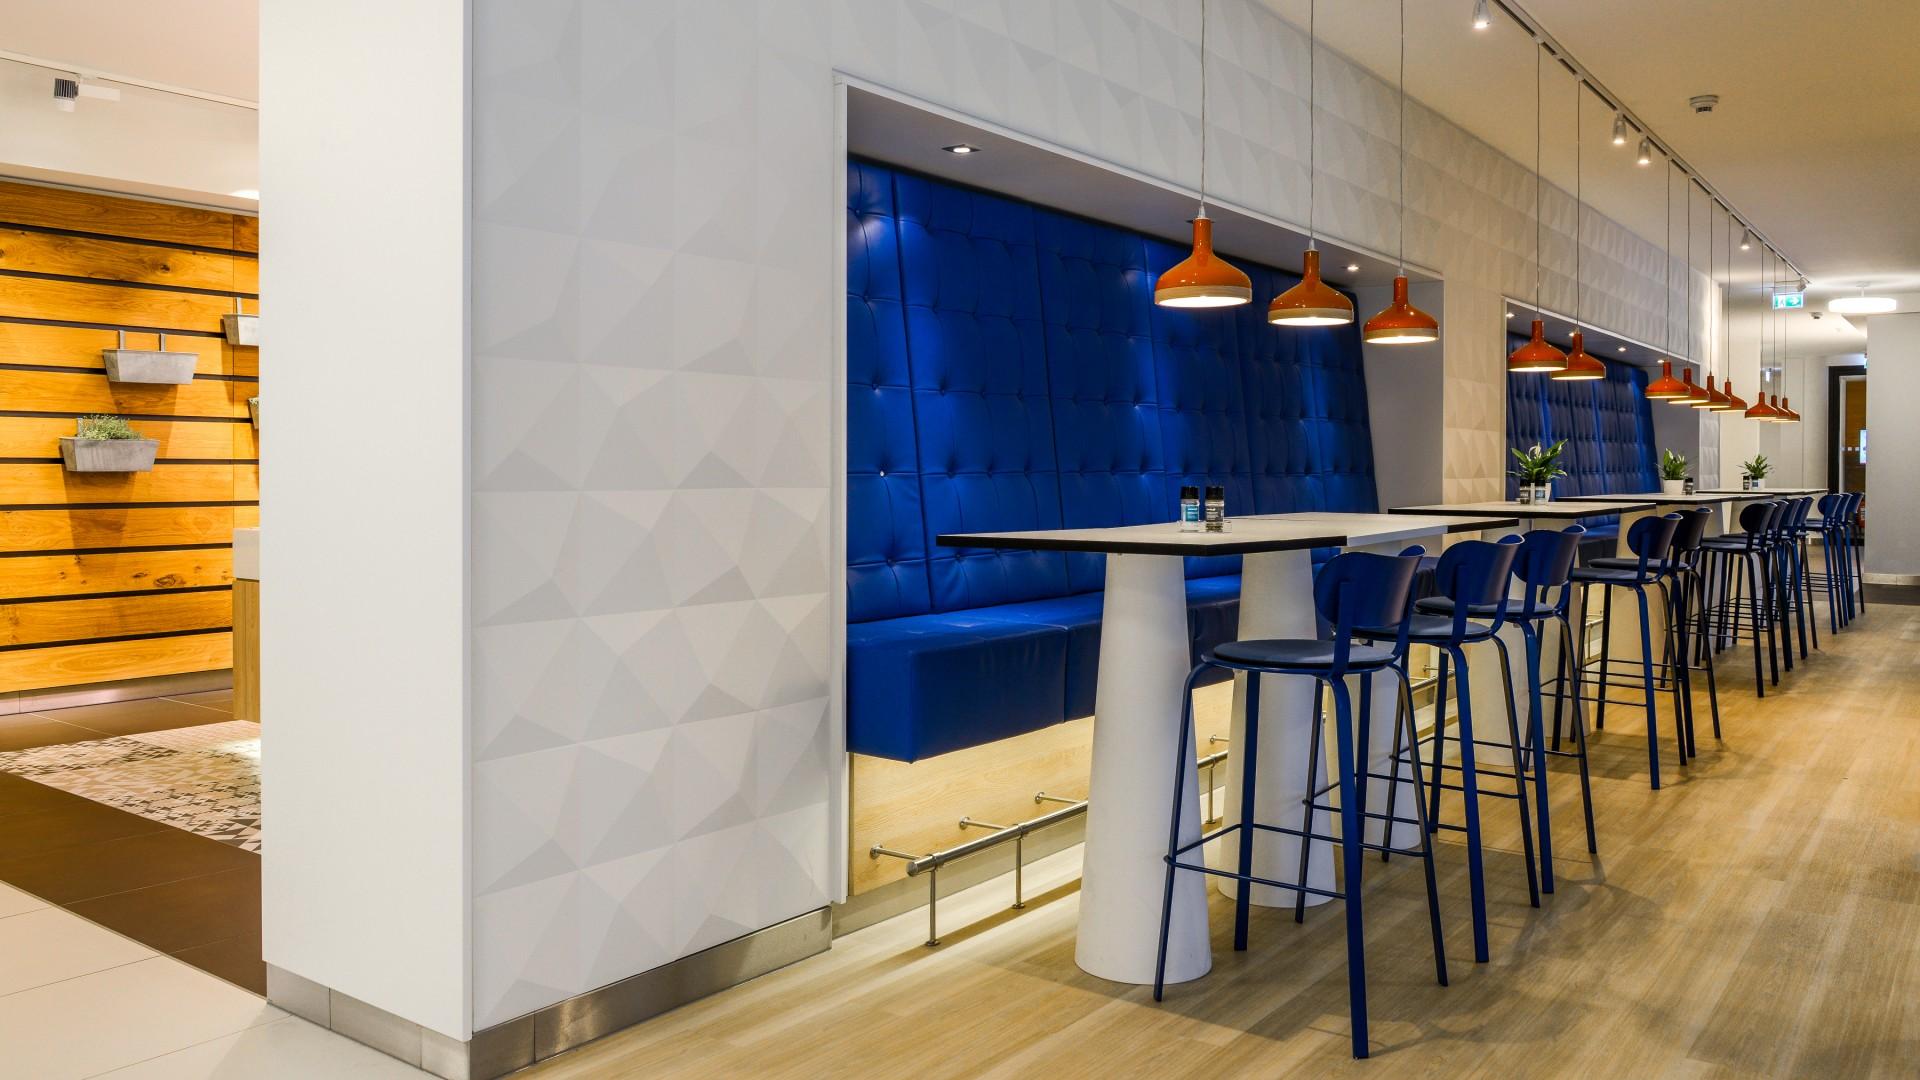 Galeriebild / Reemtsma Betriebsrestaurant, Modernisierung des Betriebsrestaurants in Hamburg